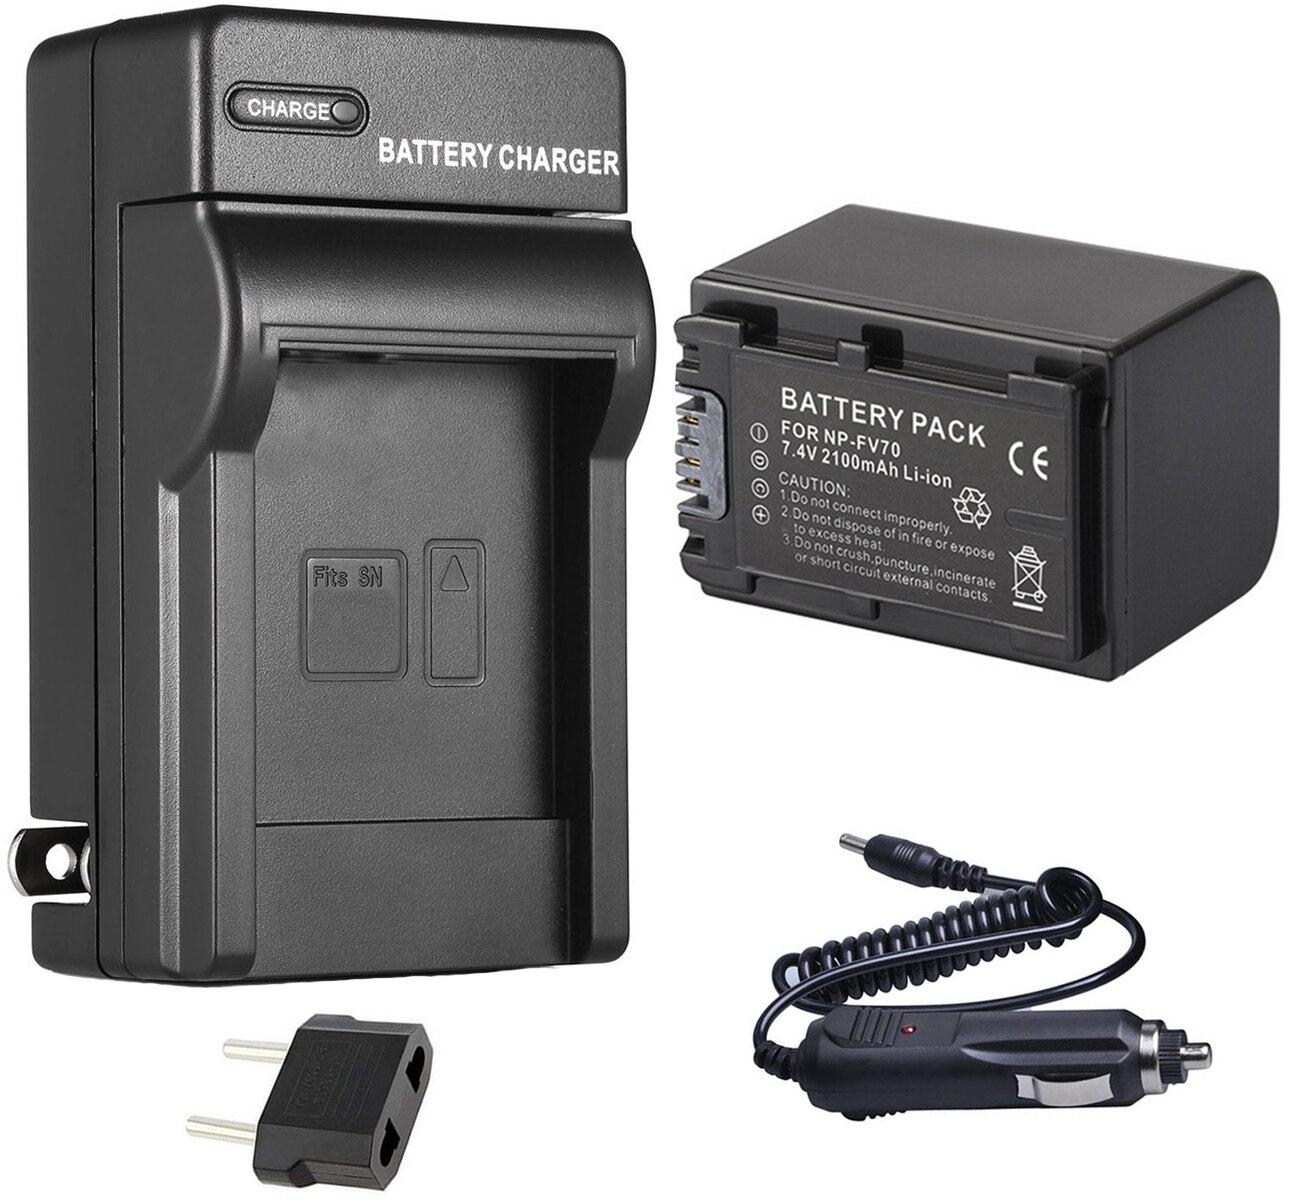 Batería + cargador para Sony HDR-CX110, HDR-CX130, HDR-CX150, HDR-CX155, HDR-CX160, CX170, HDR-CX180,...